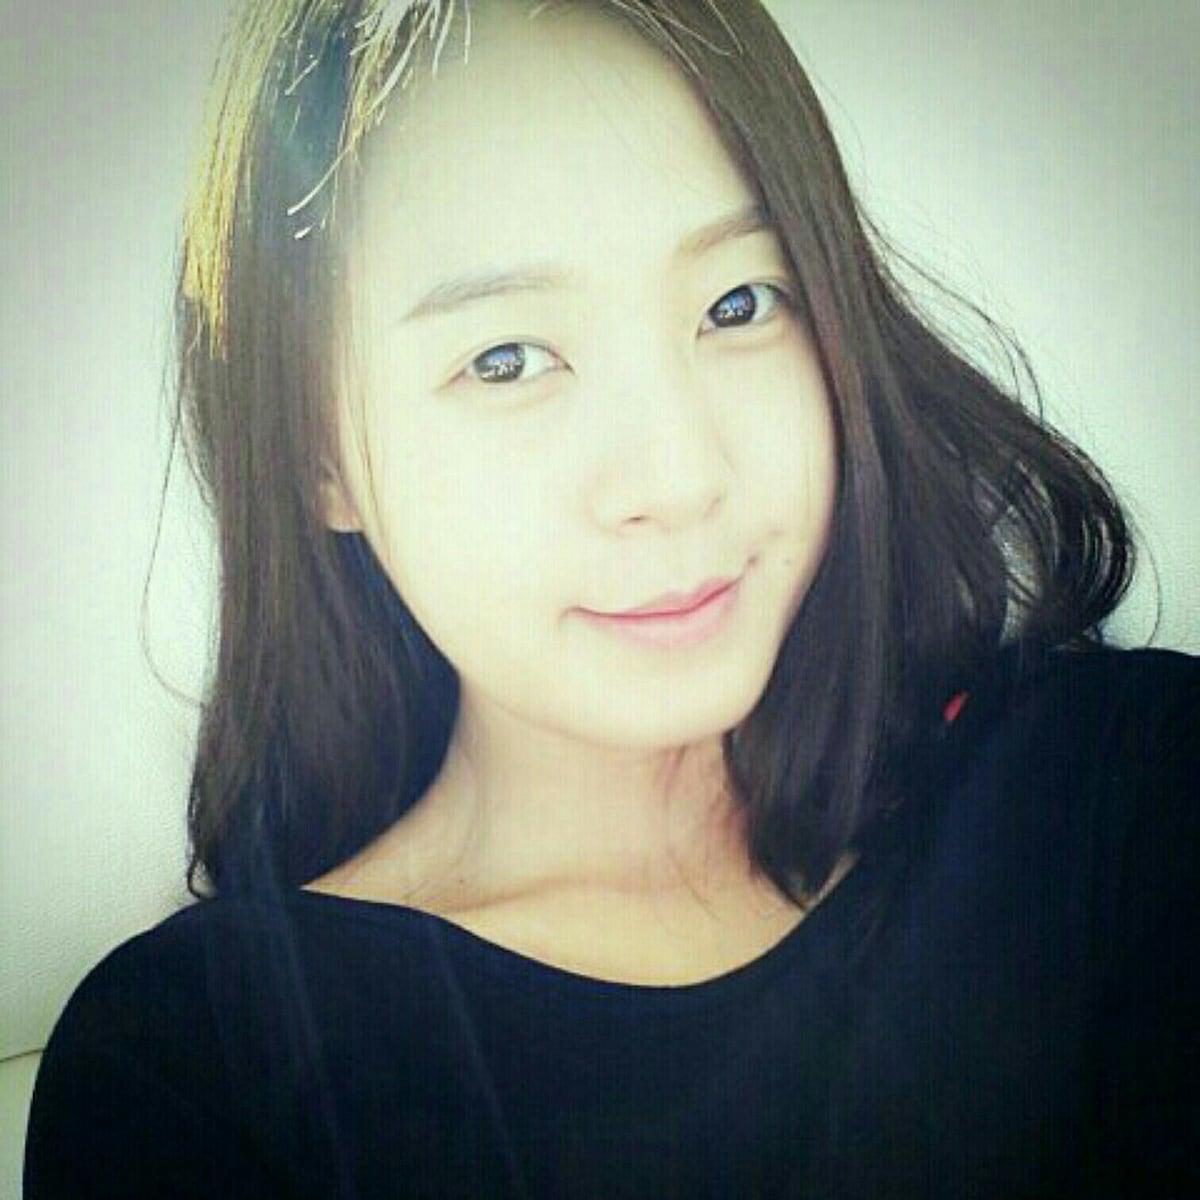 Ann from Mapo-gu, Seoul